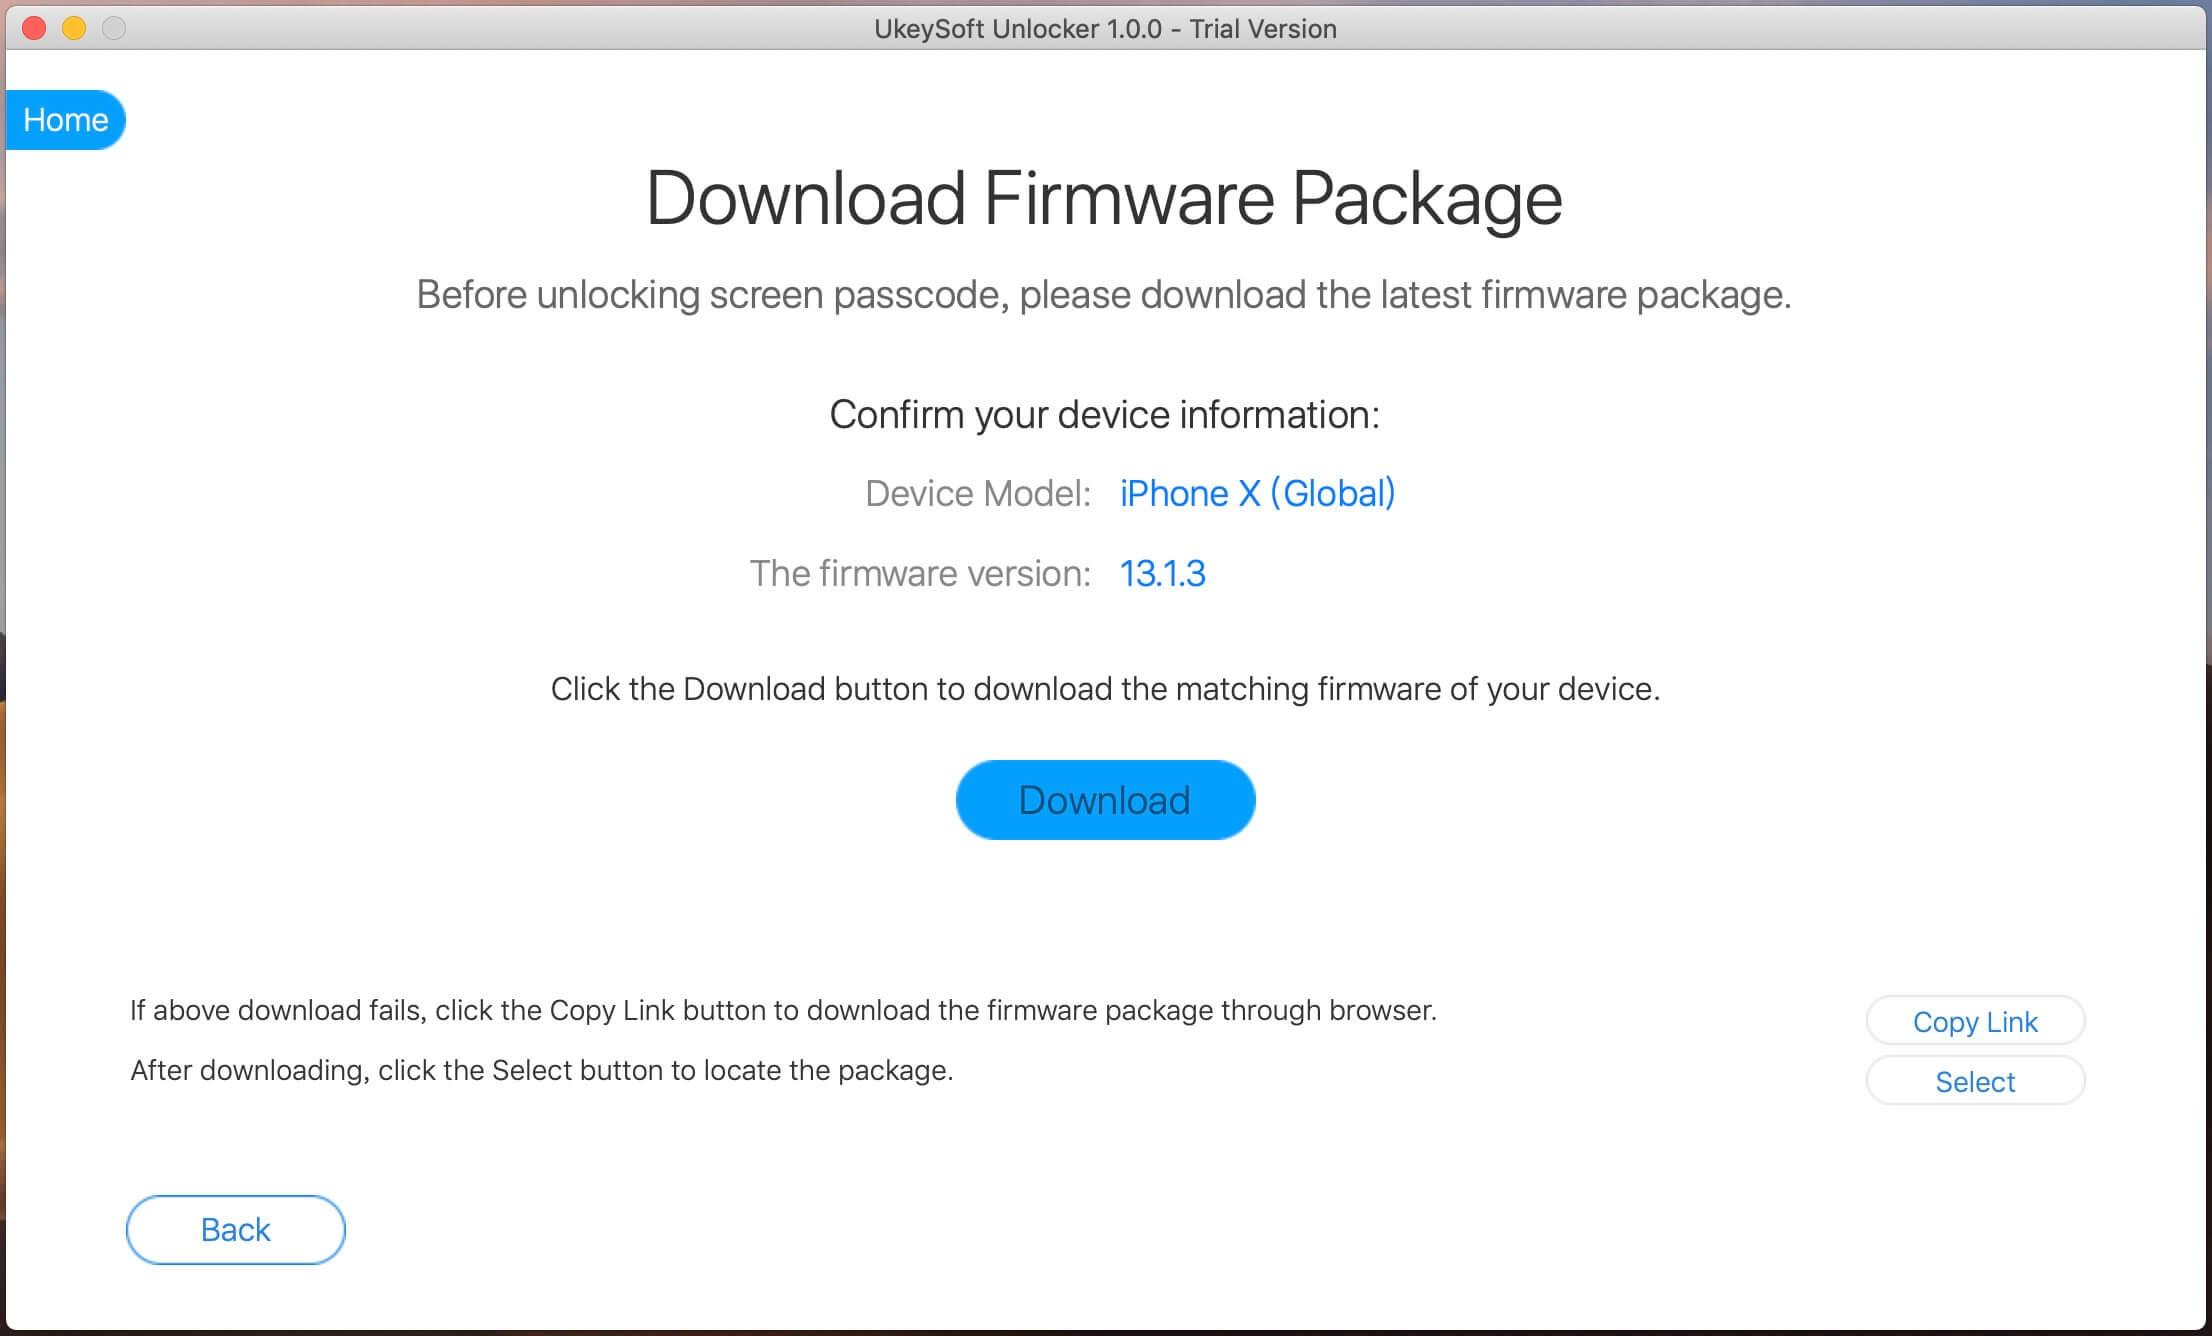 скачать пакет прошивки для исправления отключенного iPhone